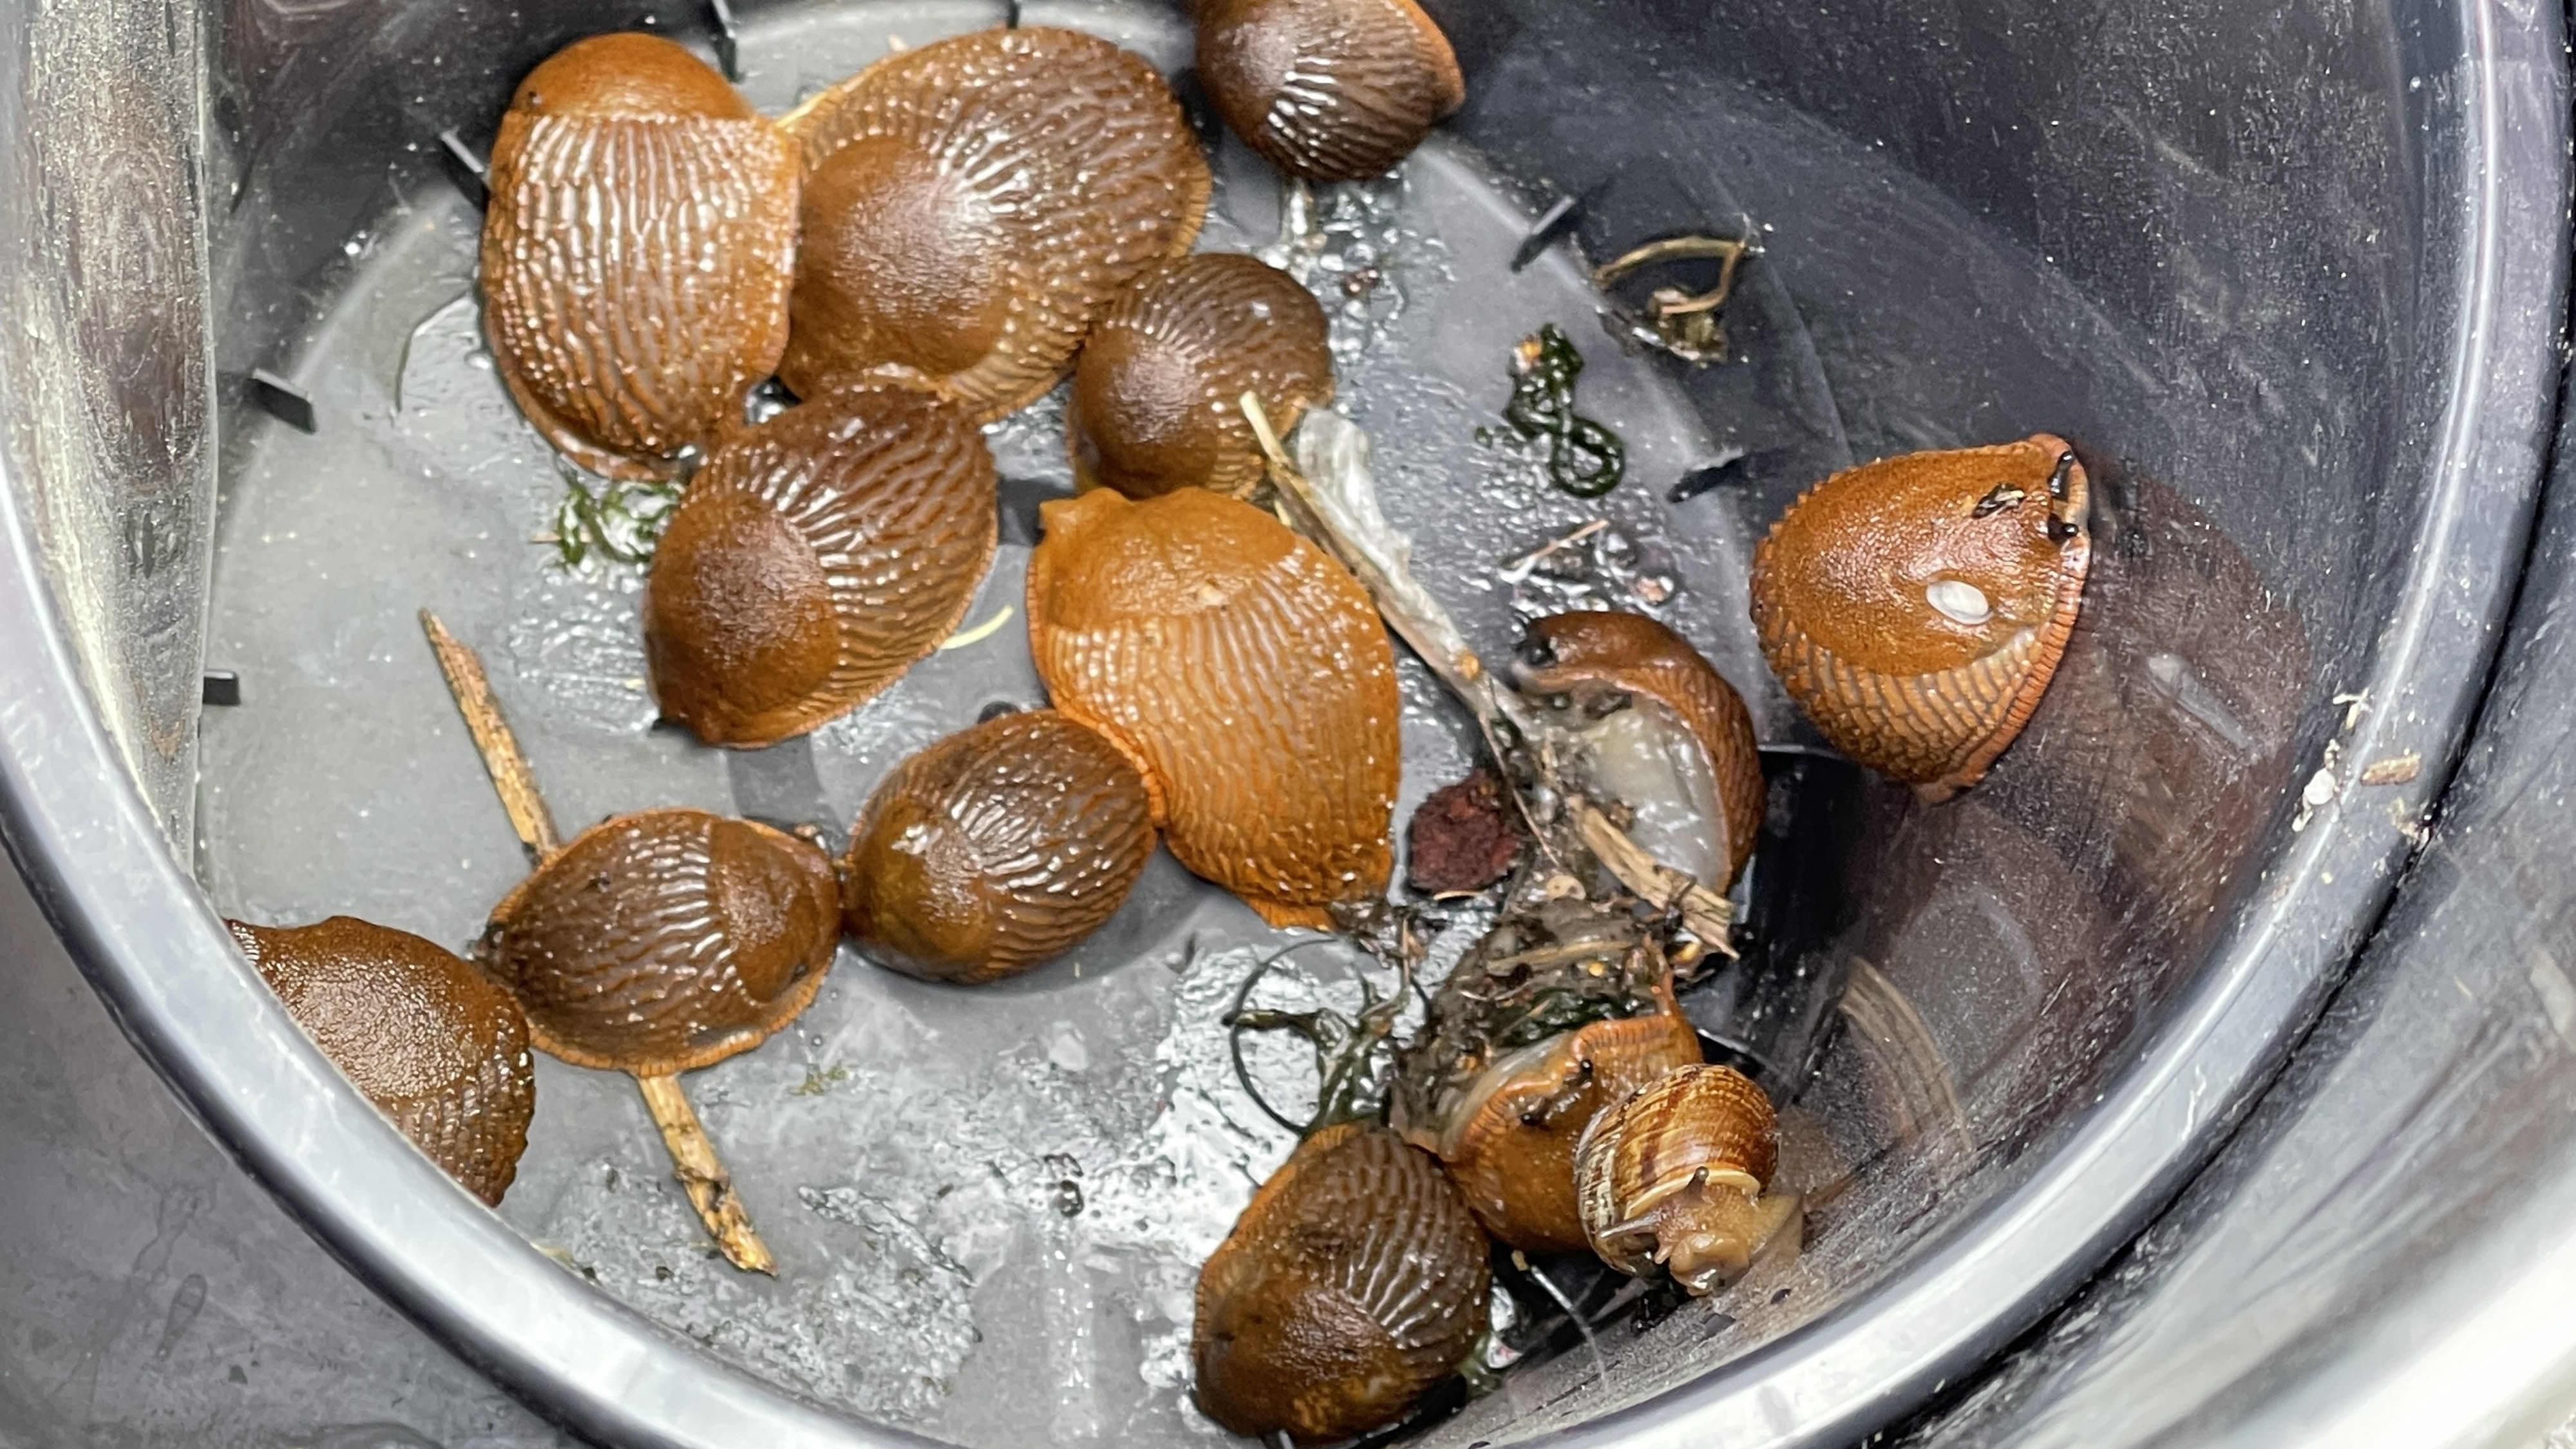 Espanjansiruetanoita löydettiin Kajaanin Petäisenniskasta